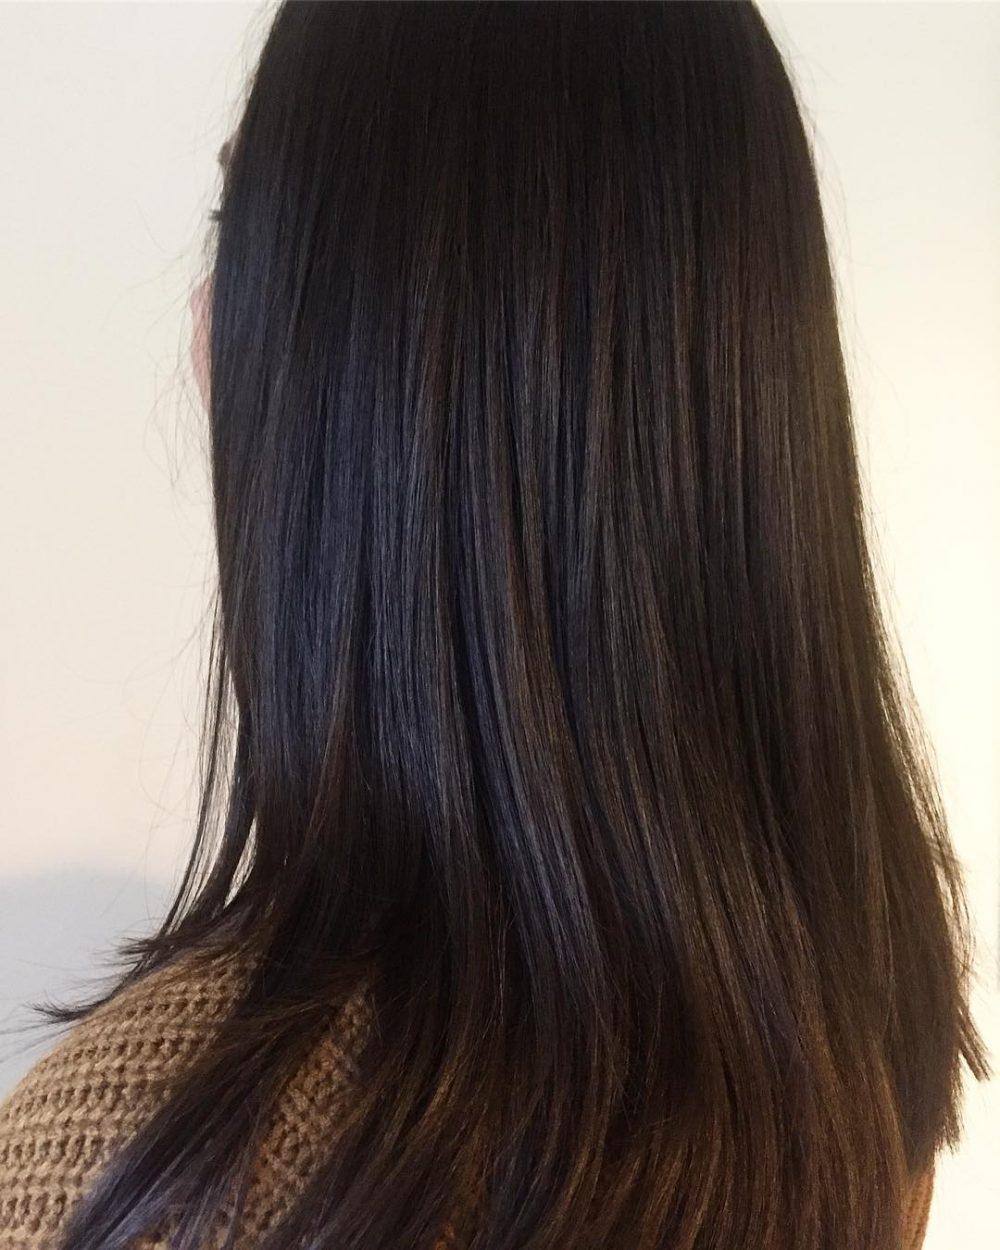 Glossy Dark Chocolate hairstyle